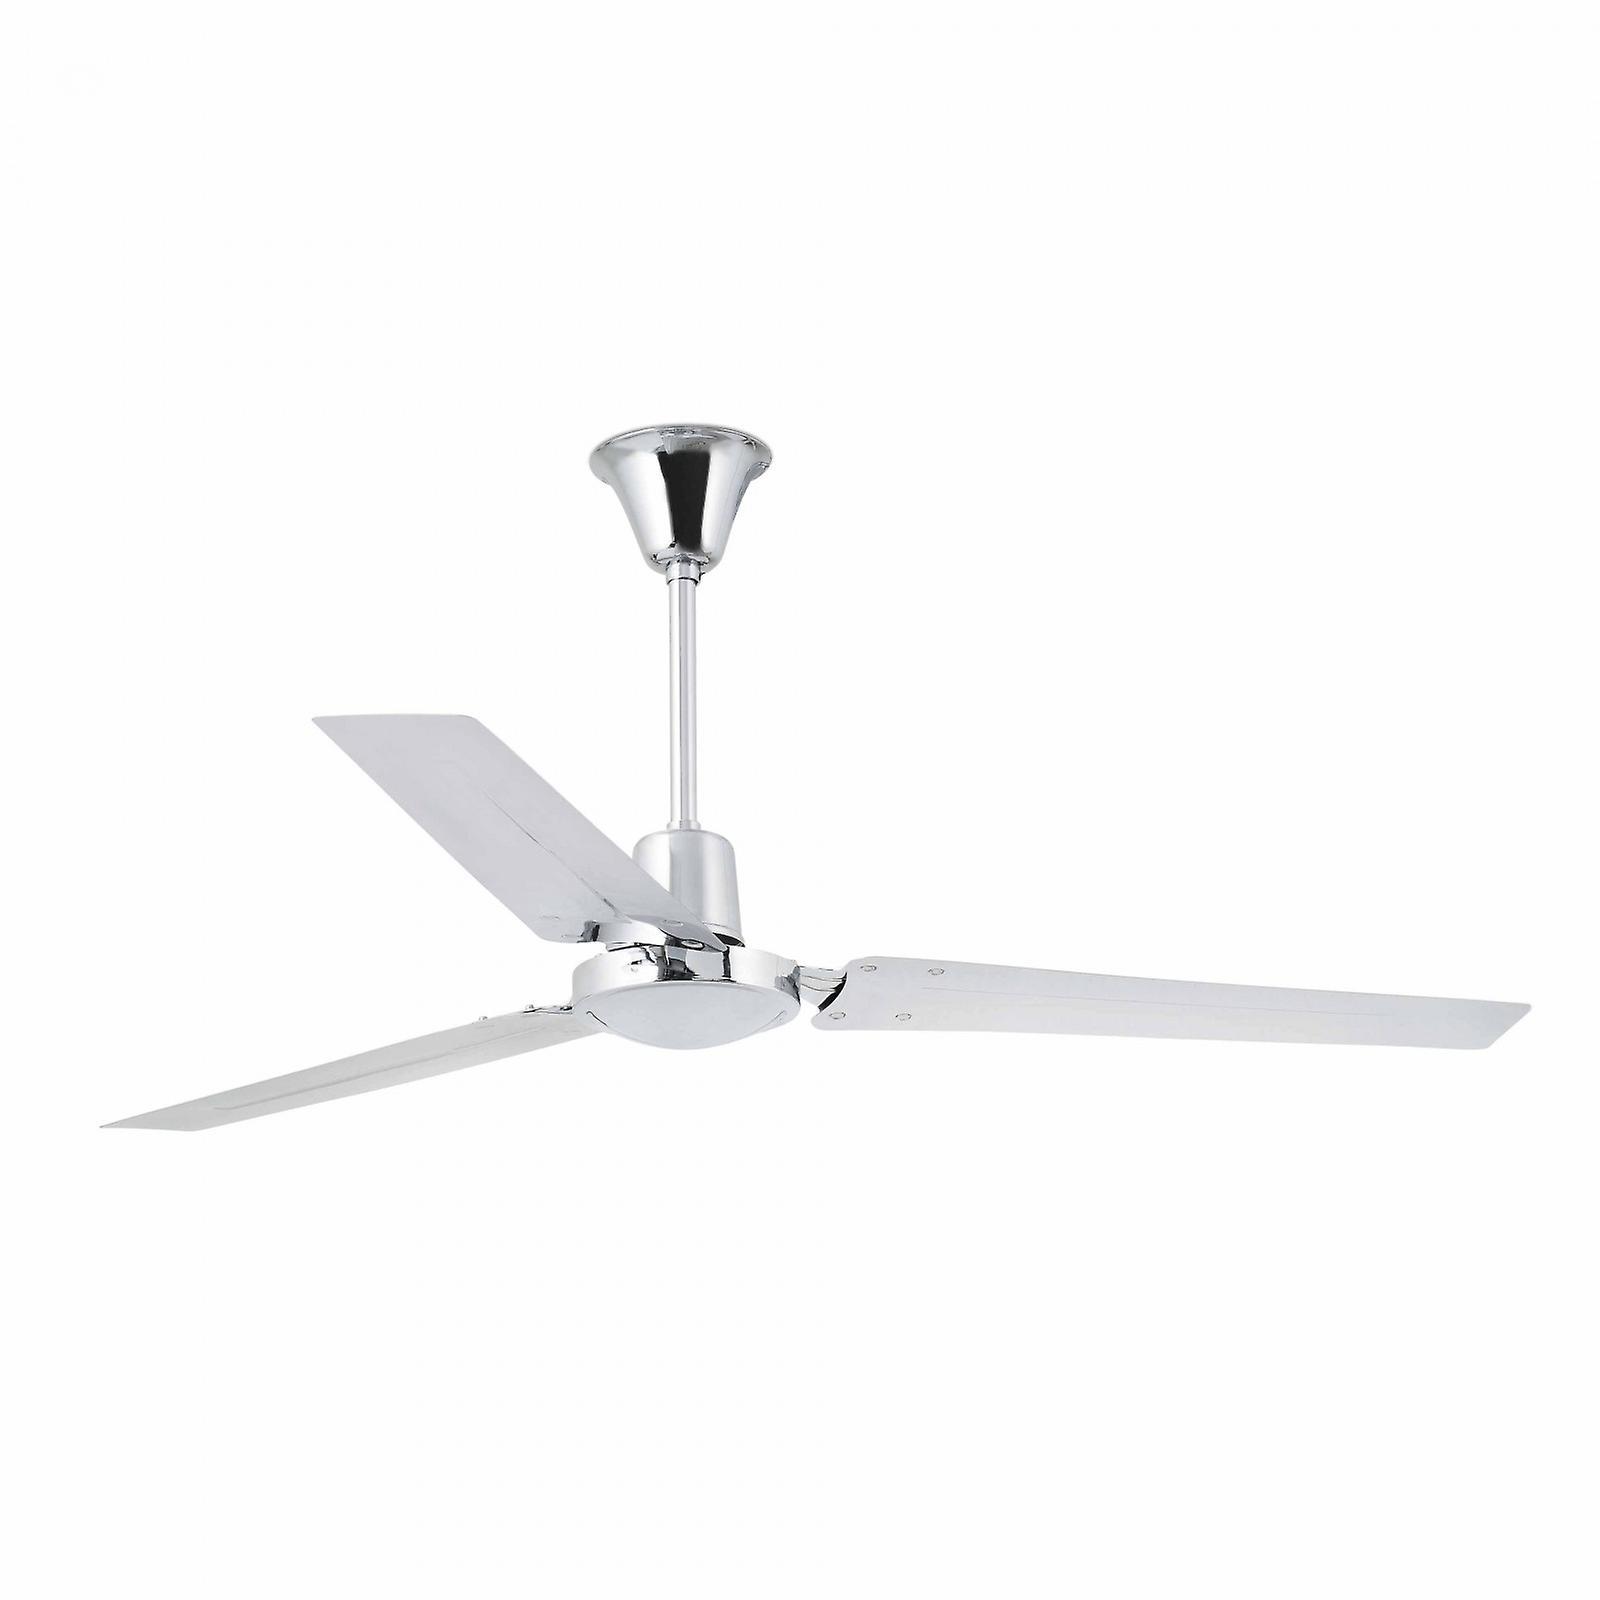 Ceiling fan Indus Chrome 140cm / 55